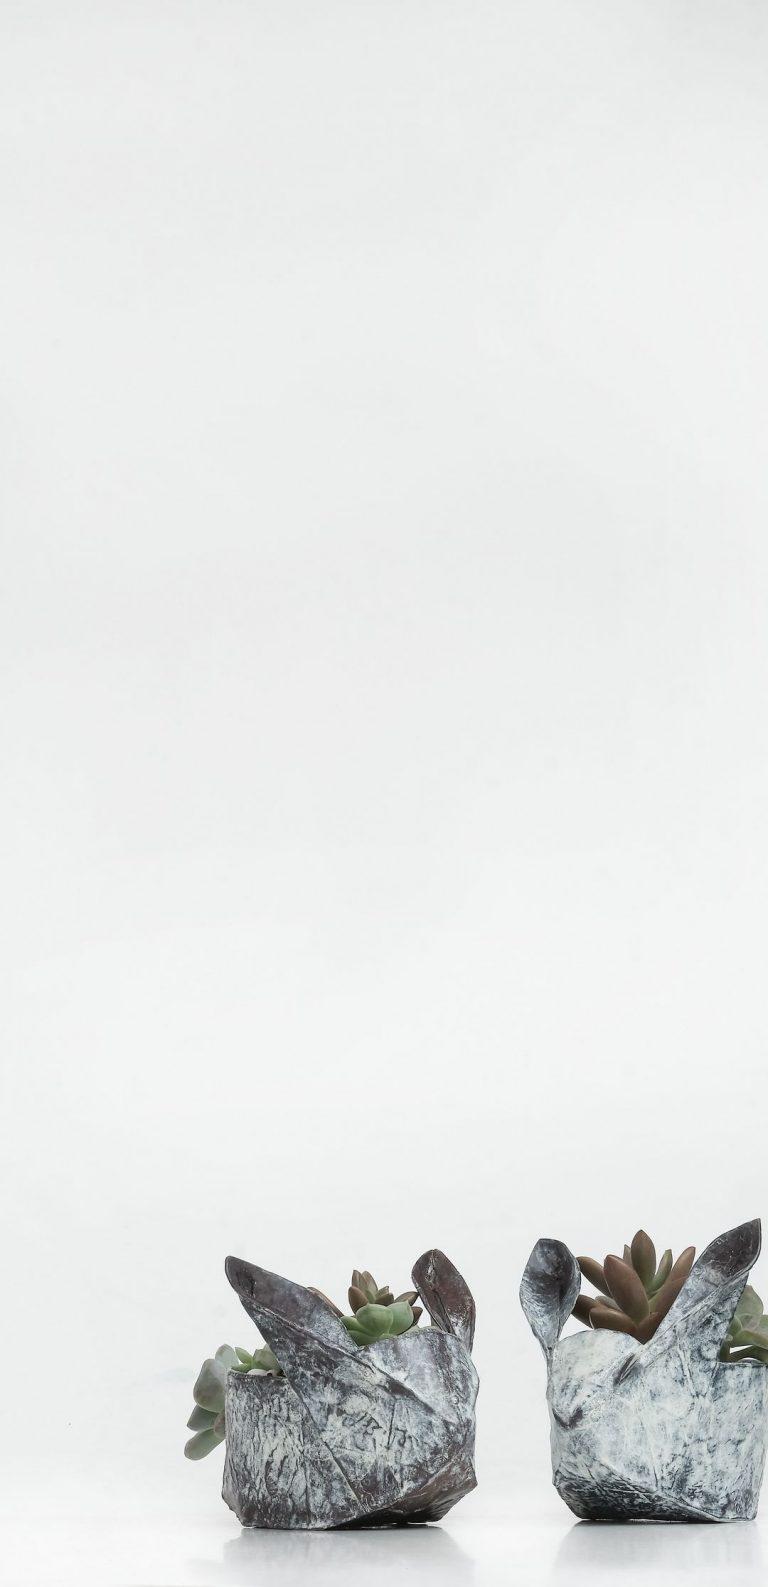 1080x2232 Wallpaper 063 768x1587